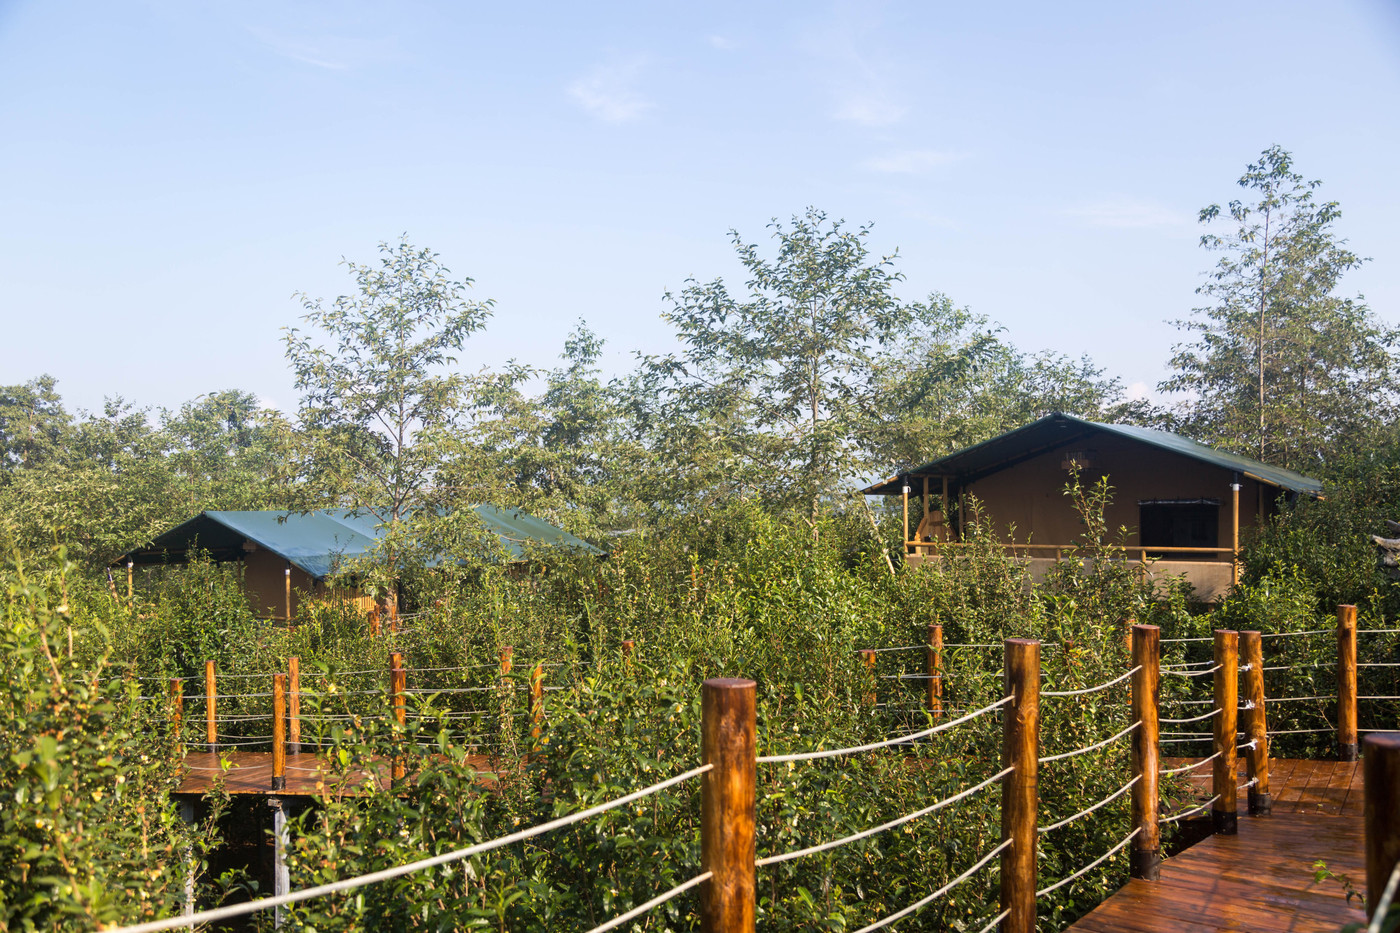 喜马拉雅野奢帐篷酒店—云南腾冲高黎贡山茶博园9